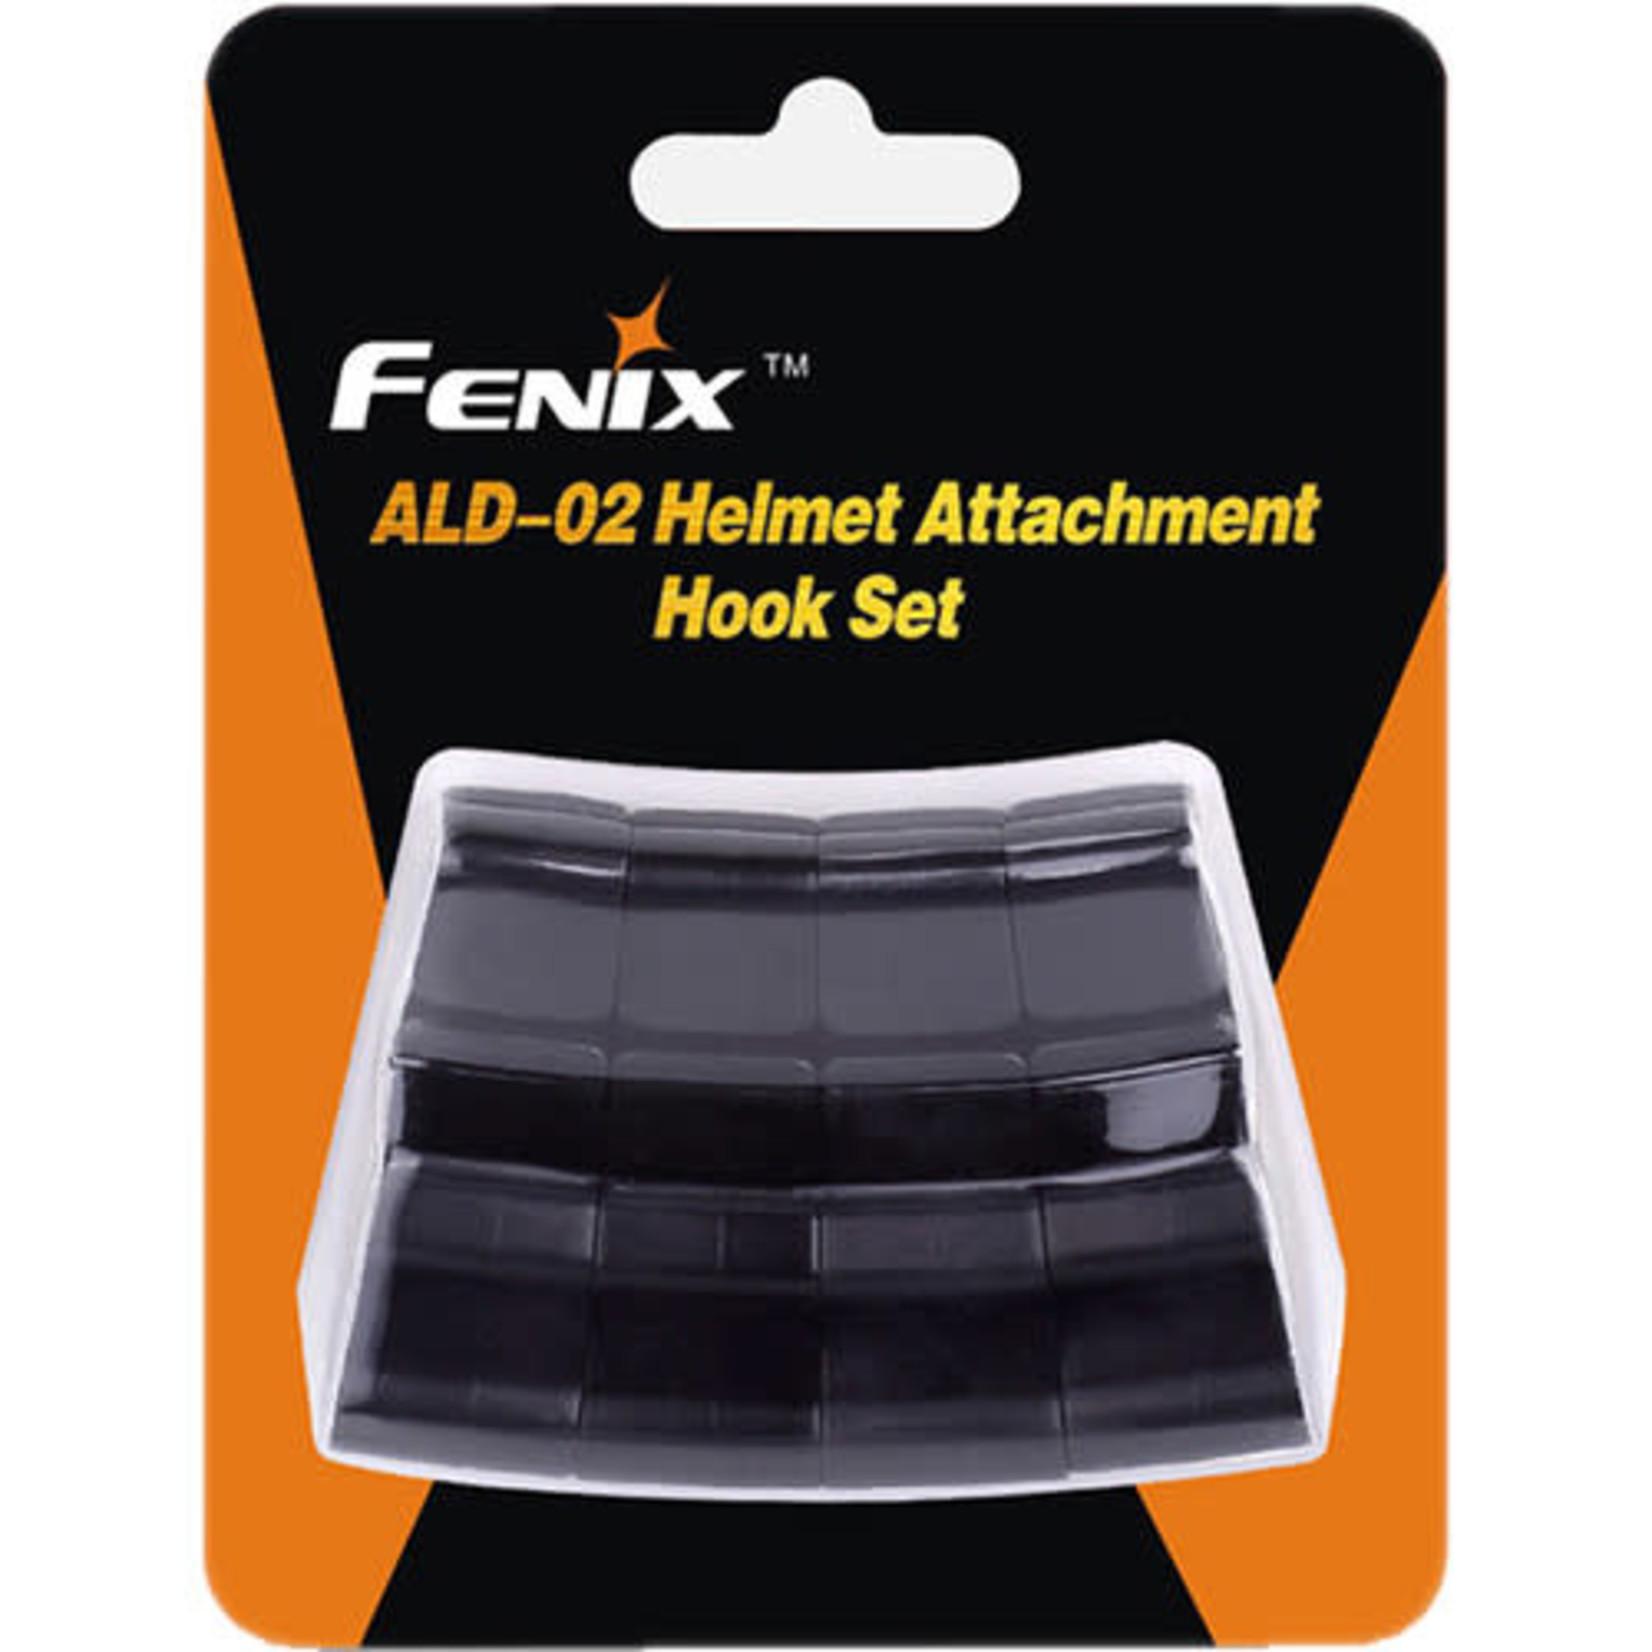 Fenix Fenix ALD-02 Helmet Attachment Hook Set